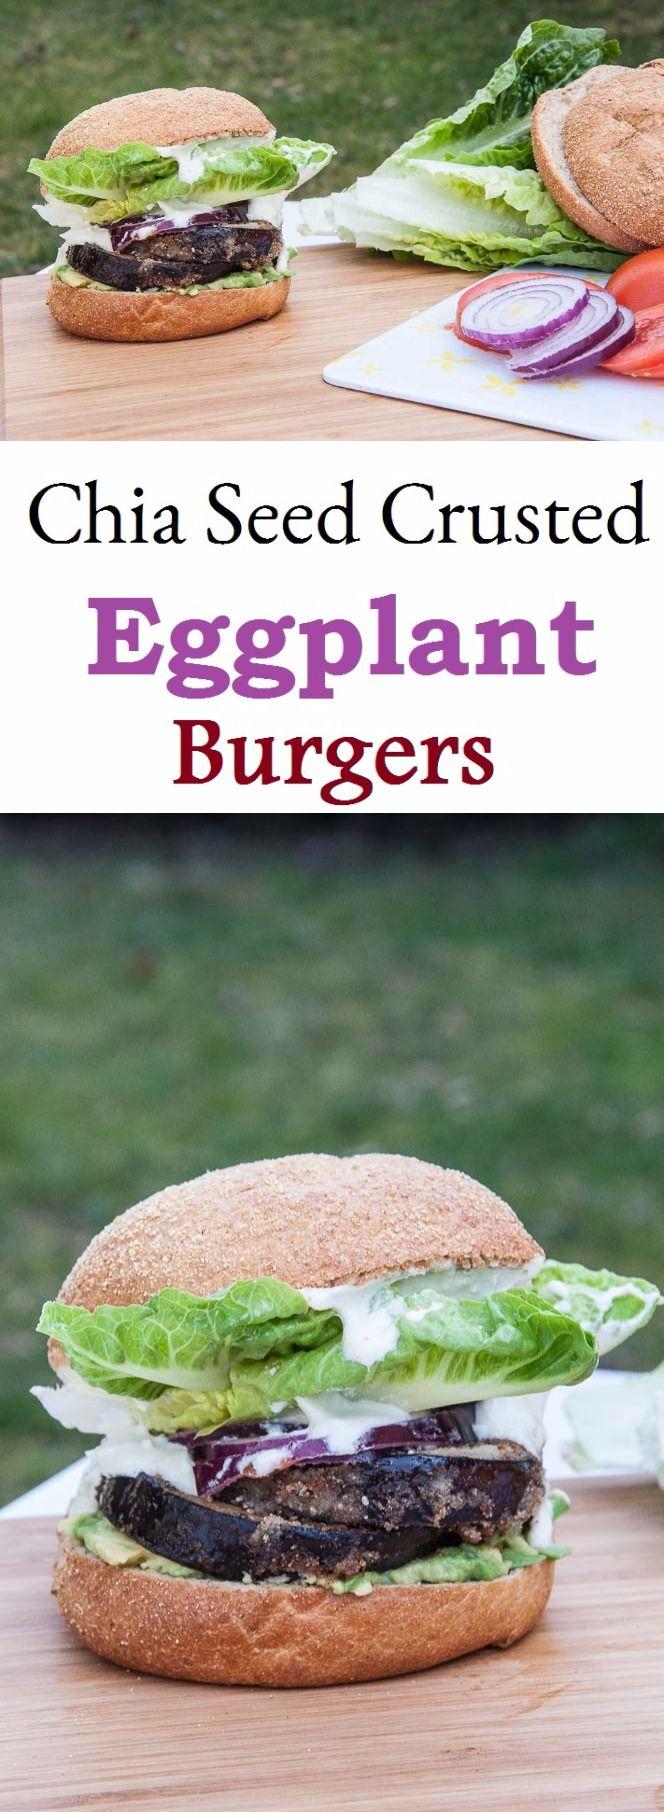 Chia semences croûte aubergine Burger Burger d'aubergine en croûté saupoudré de graînes de chia.